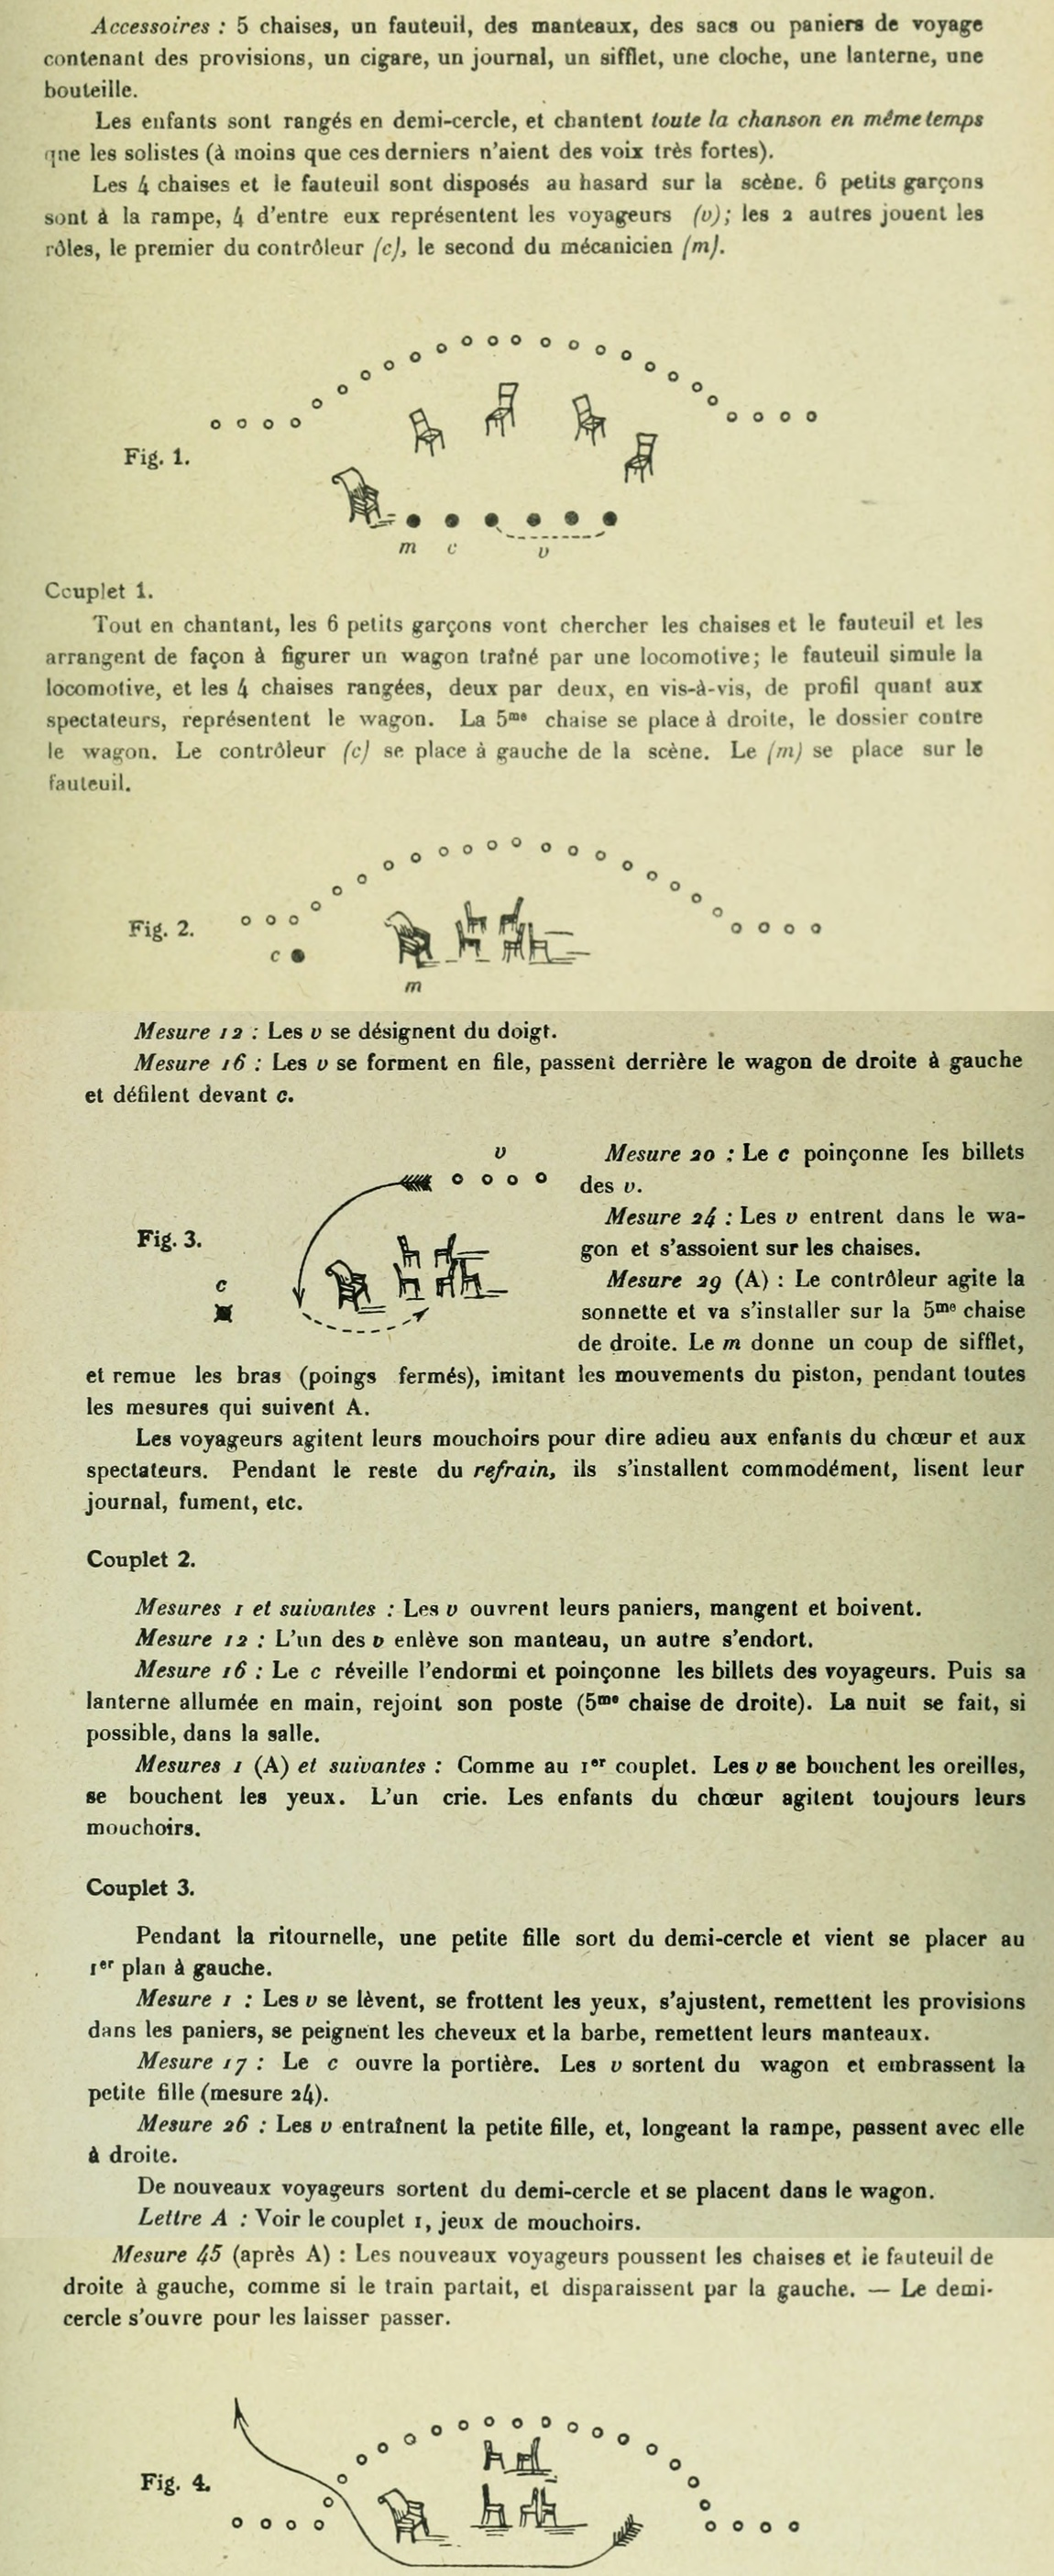 Extrait 4 de la partition publiée dans le recueil «<i>Chansons d'Enfants</i>», Op. 42